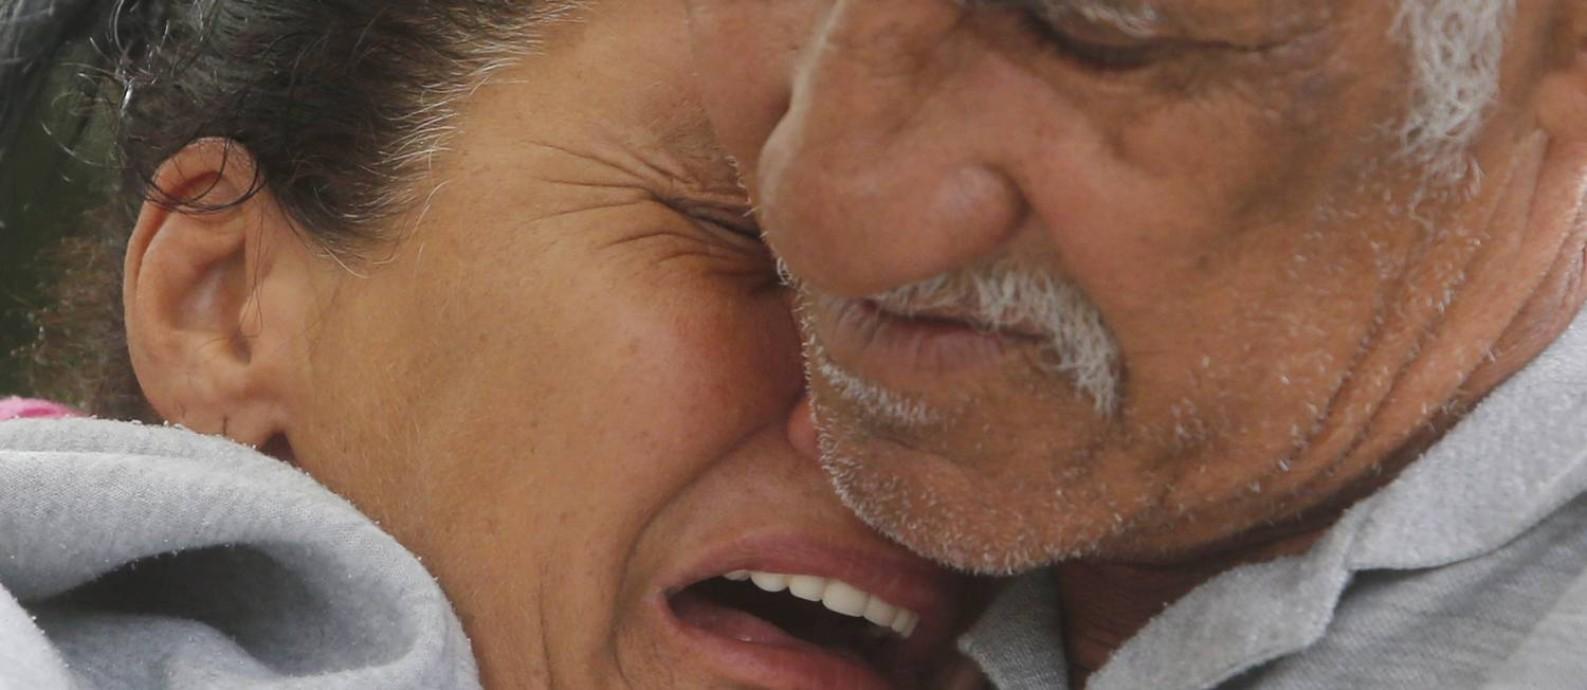 Os pais de Maria Eduarda se desesperam ao lembrar da menina, morta durante um confronto entre policiais militares e traficantes em Acari Foto: ANTONIO SCORZA / Agência O Globo